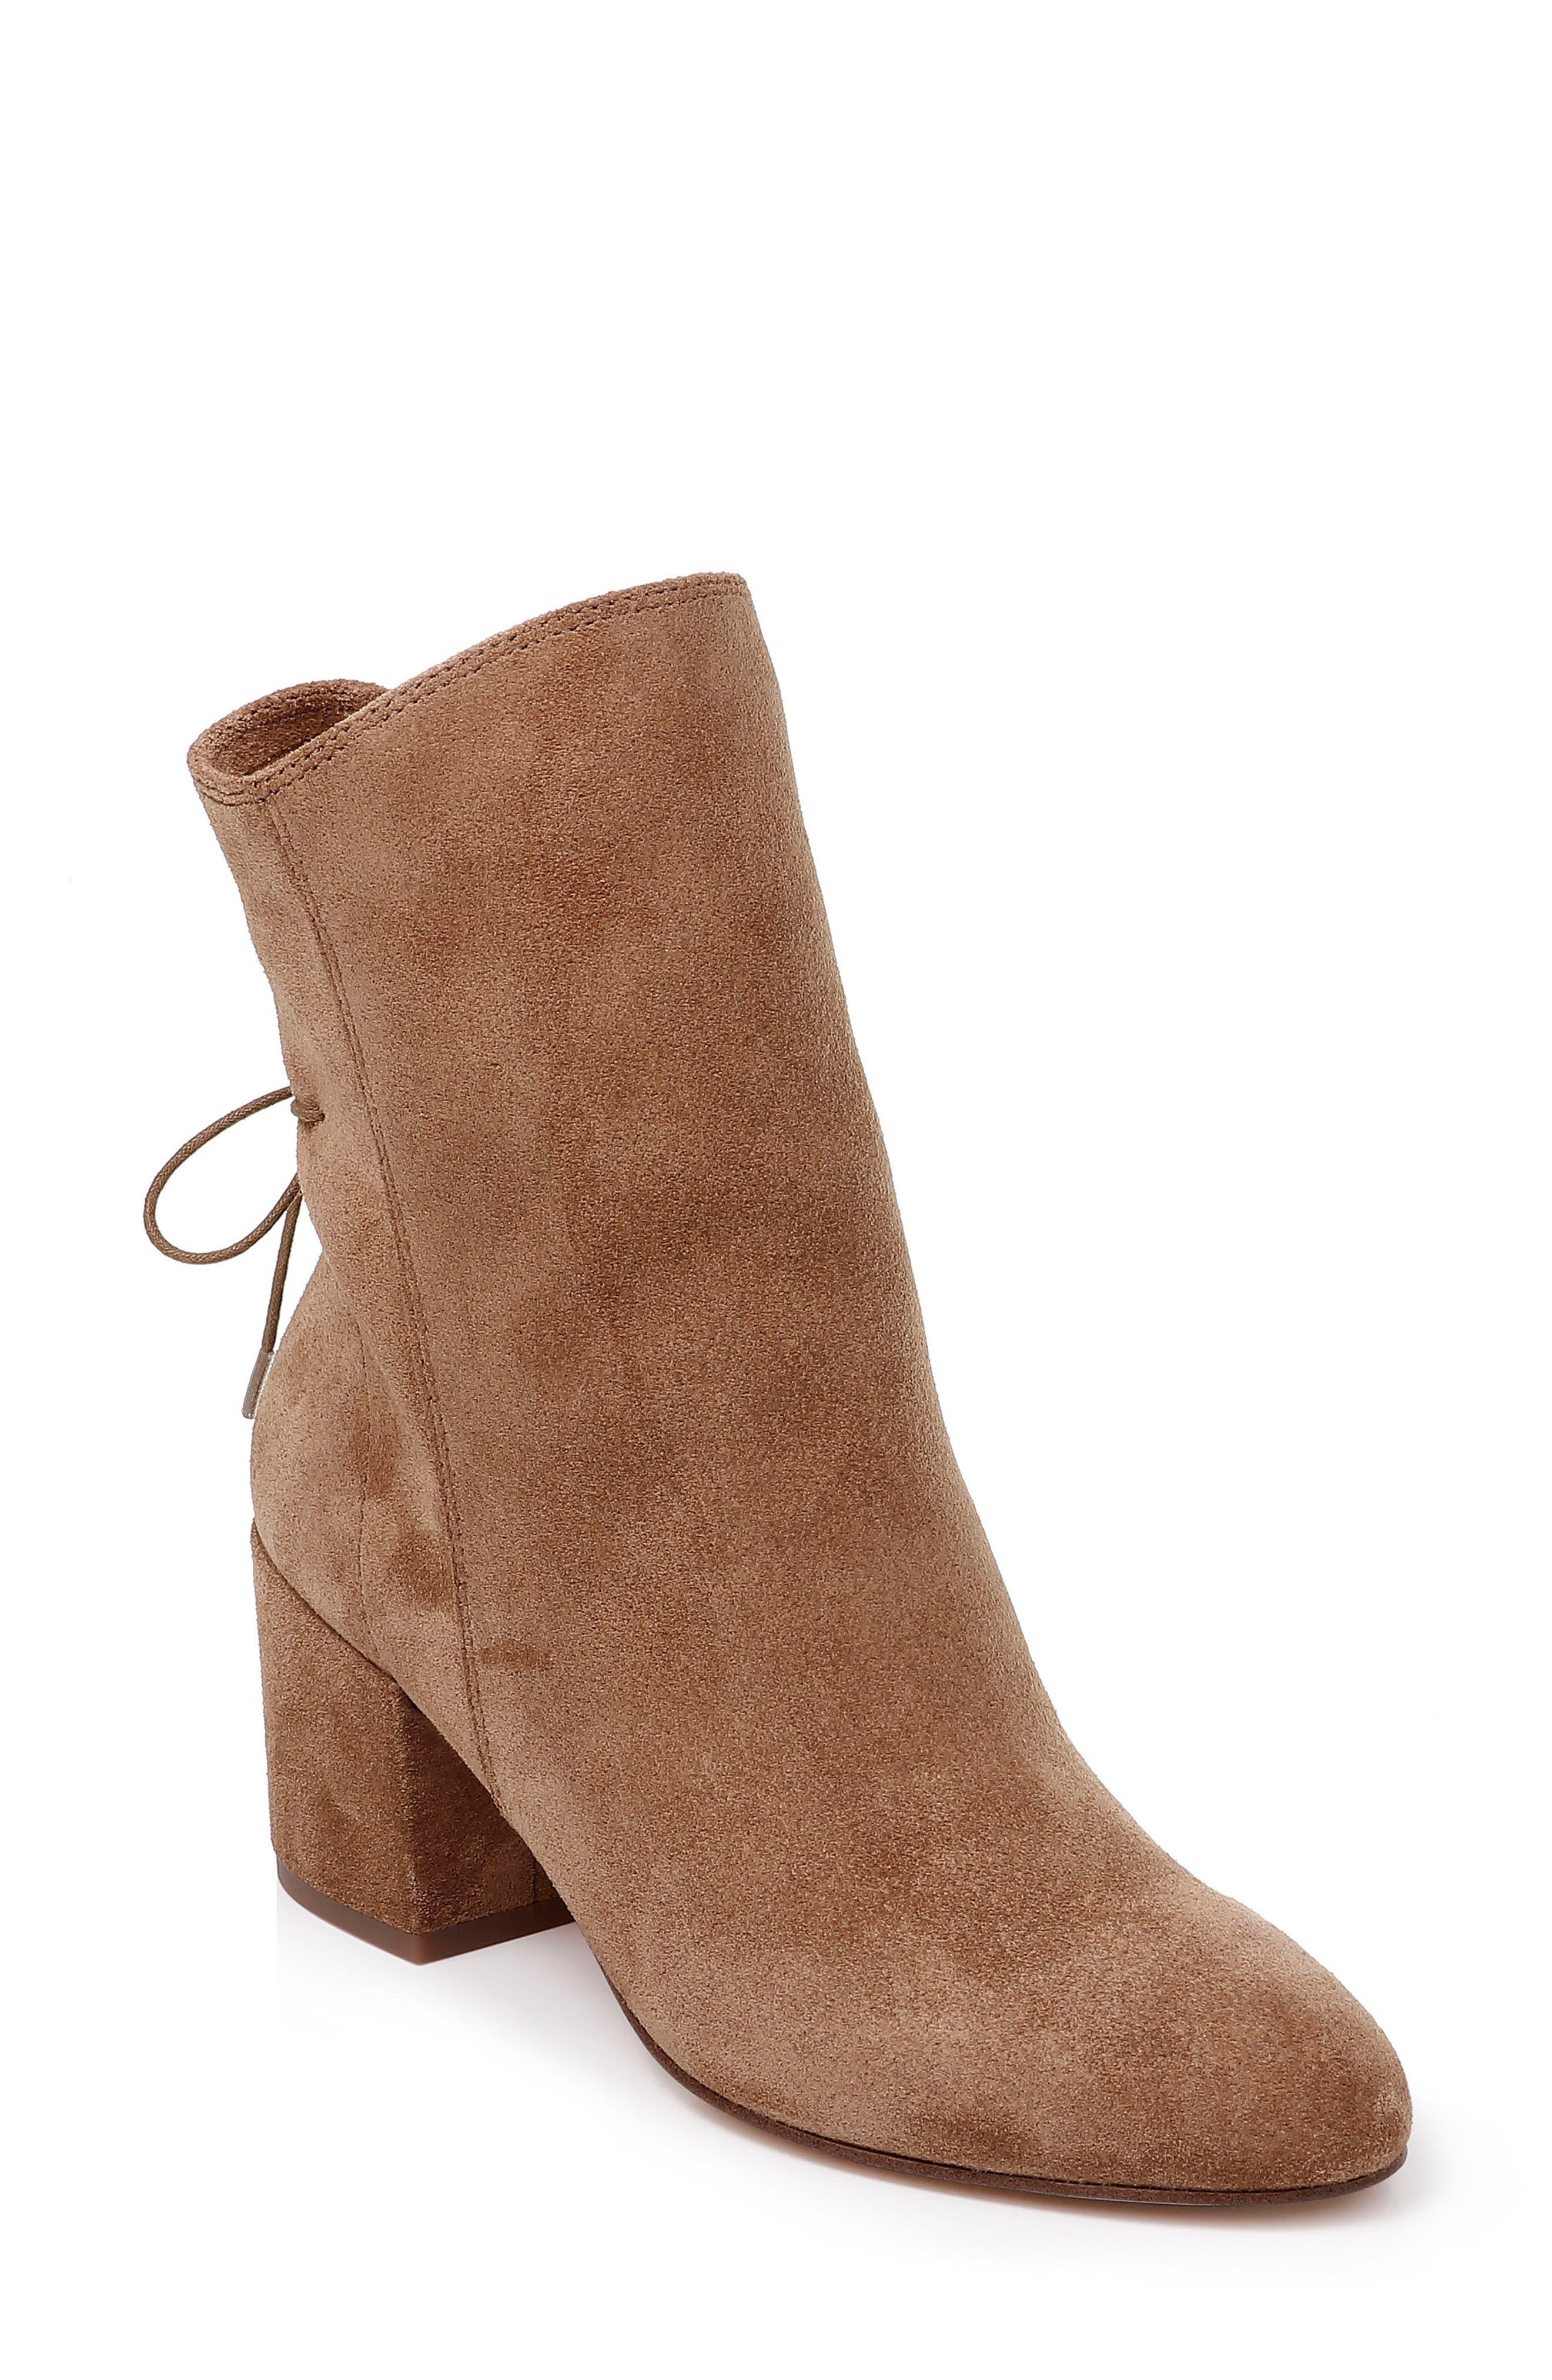 Splendid Haiden Boot, Brown